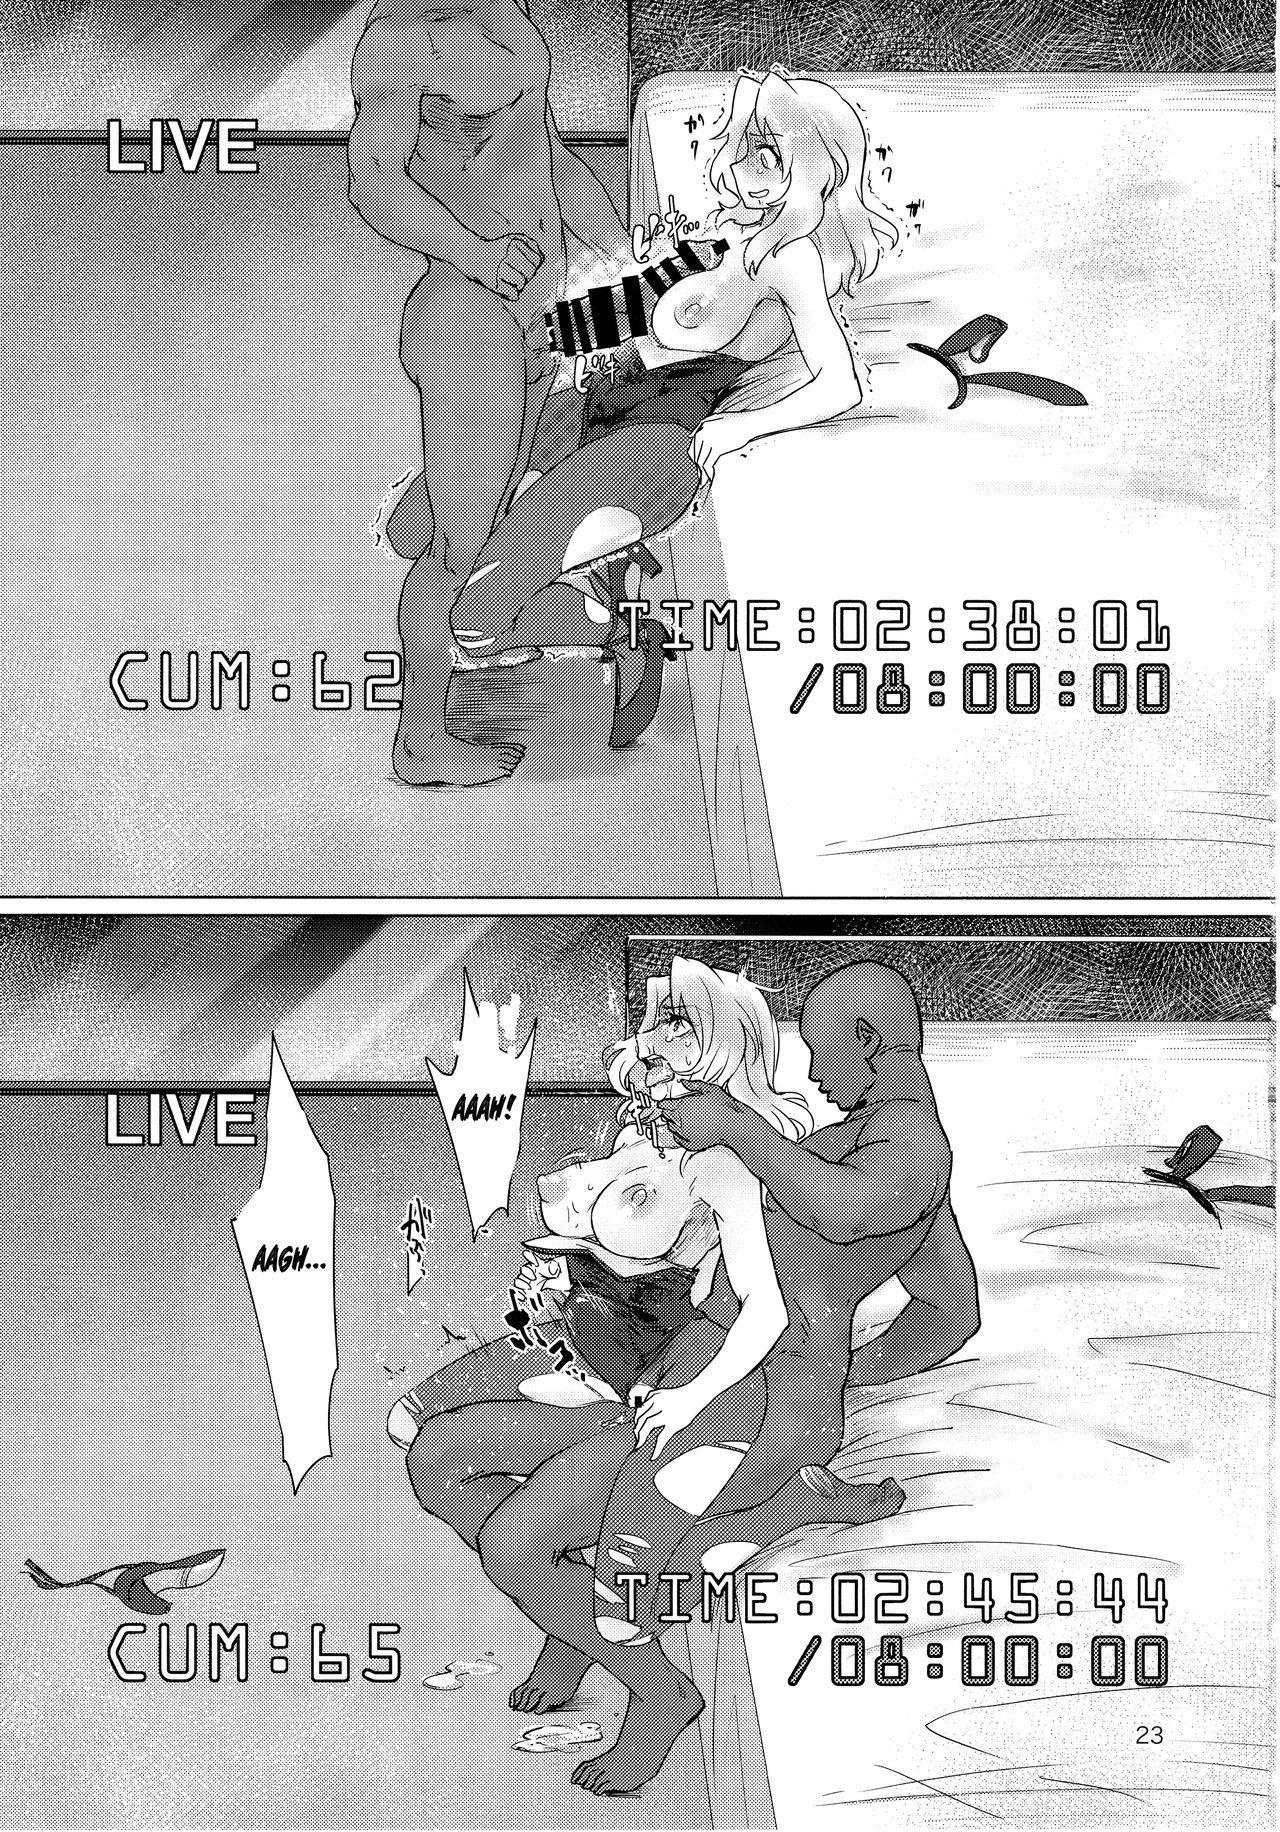 (C93) [Yakitate Jamaica (Aomushi)] Renzoku Taikyuu 8-jikan: Okay-san ga 8-jikan Buttooshi de Taikyuu Ecchi Suru Hon   8 Hours Non-Stop Endurance: Kay Endures 8 Straight Hours of Non-Stop Sex (Girls und Panzer) [English] =7BA= 22